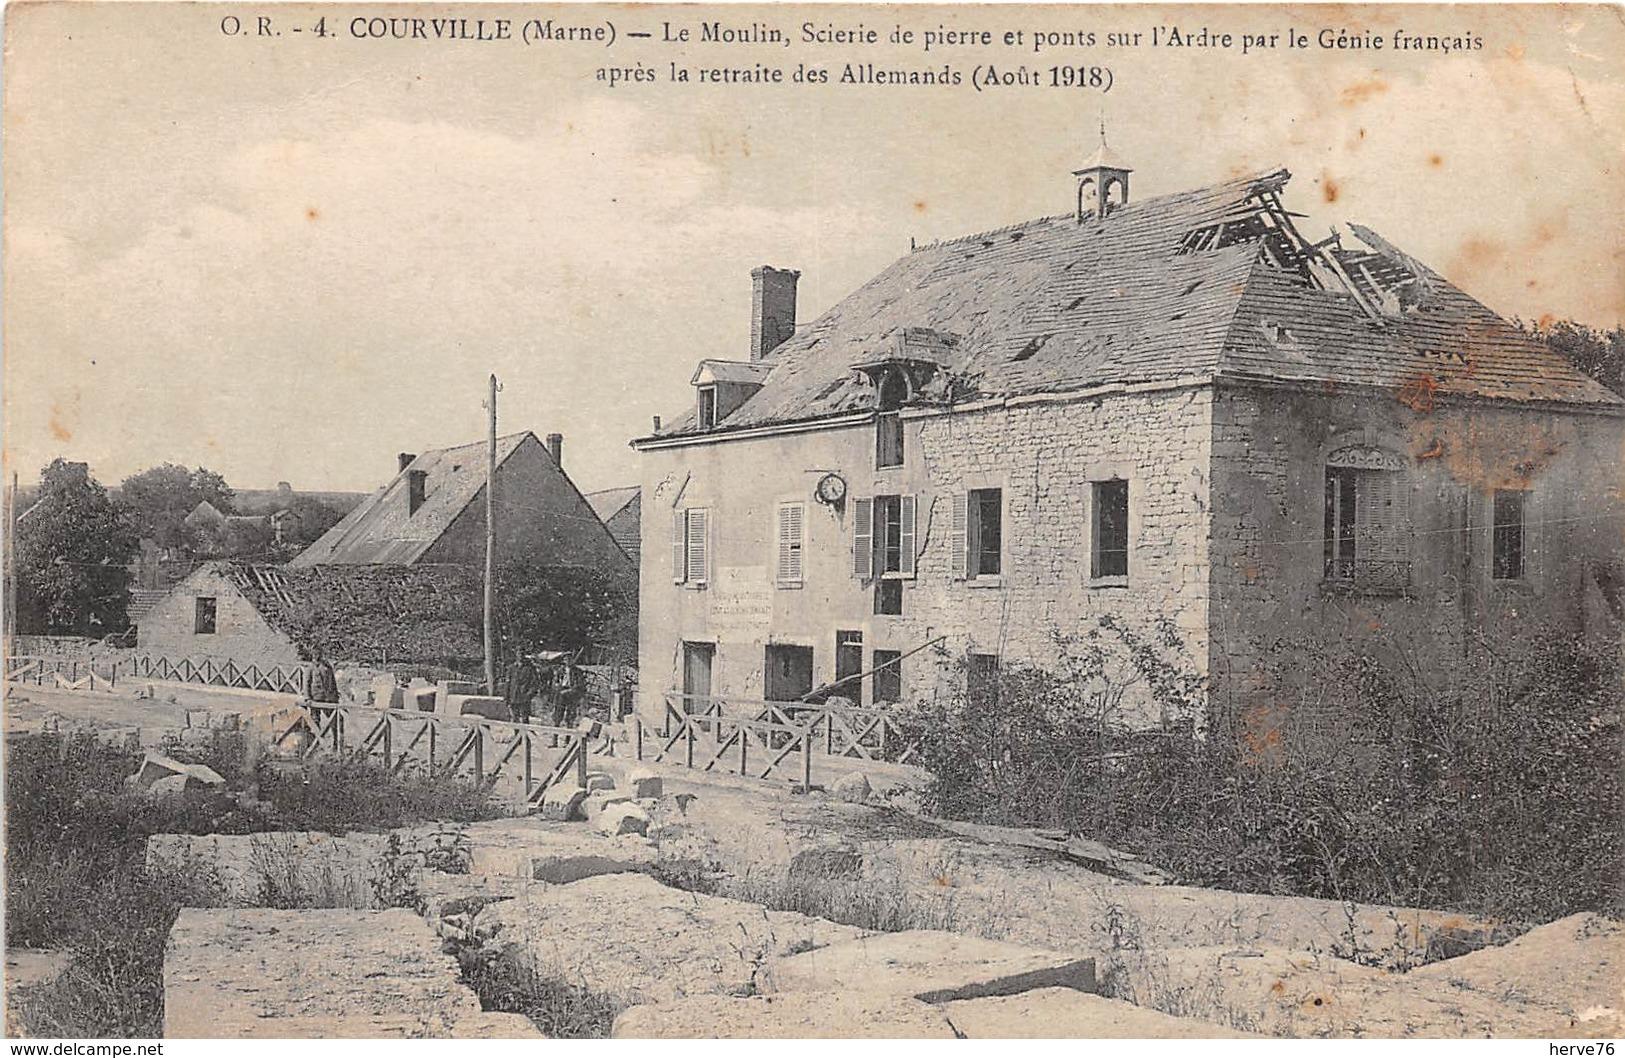 COURVILLE - Le Moulin, Scierie De Pierre Et Ponts Sur L'Adre Par Le Génie Français Après La Retraite Des Allemands - France